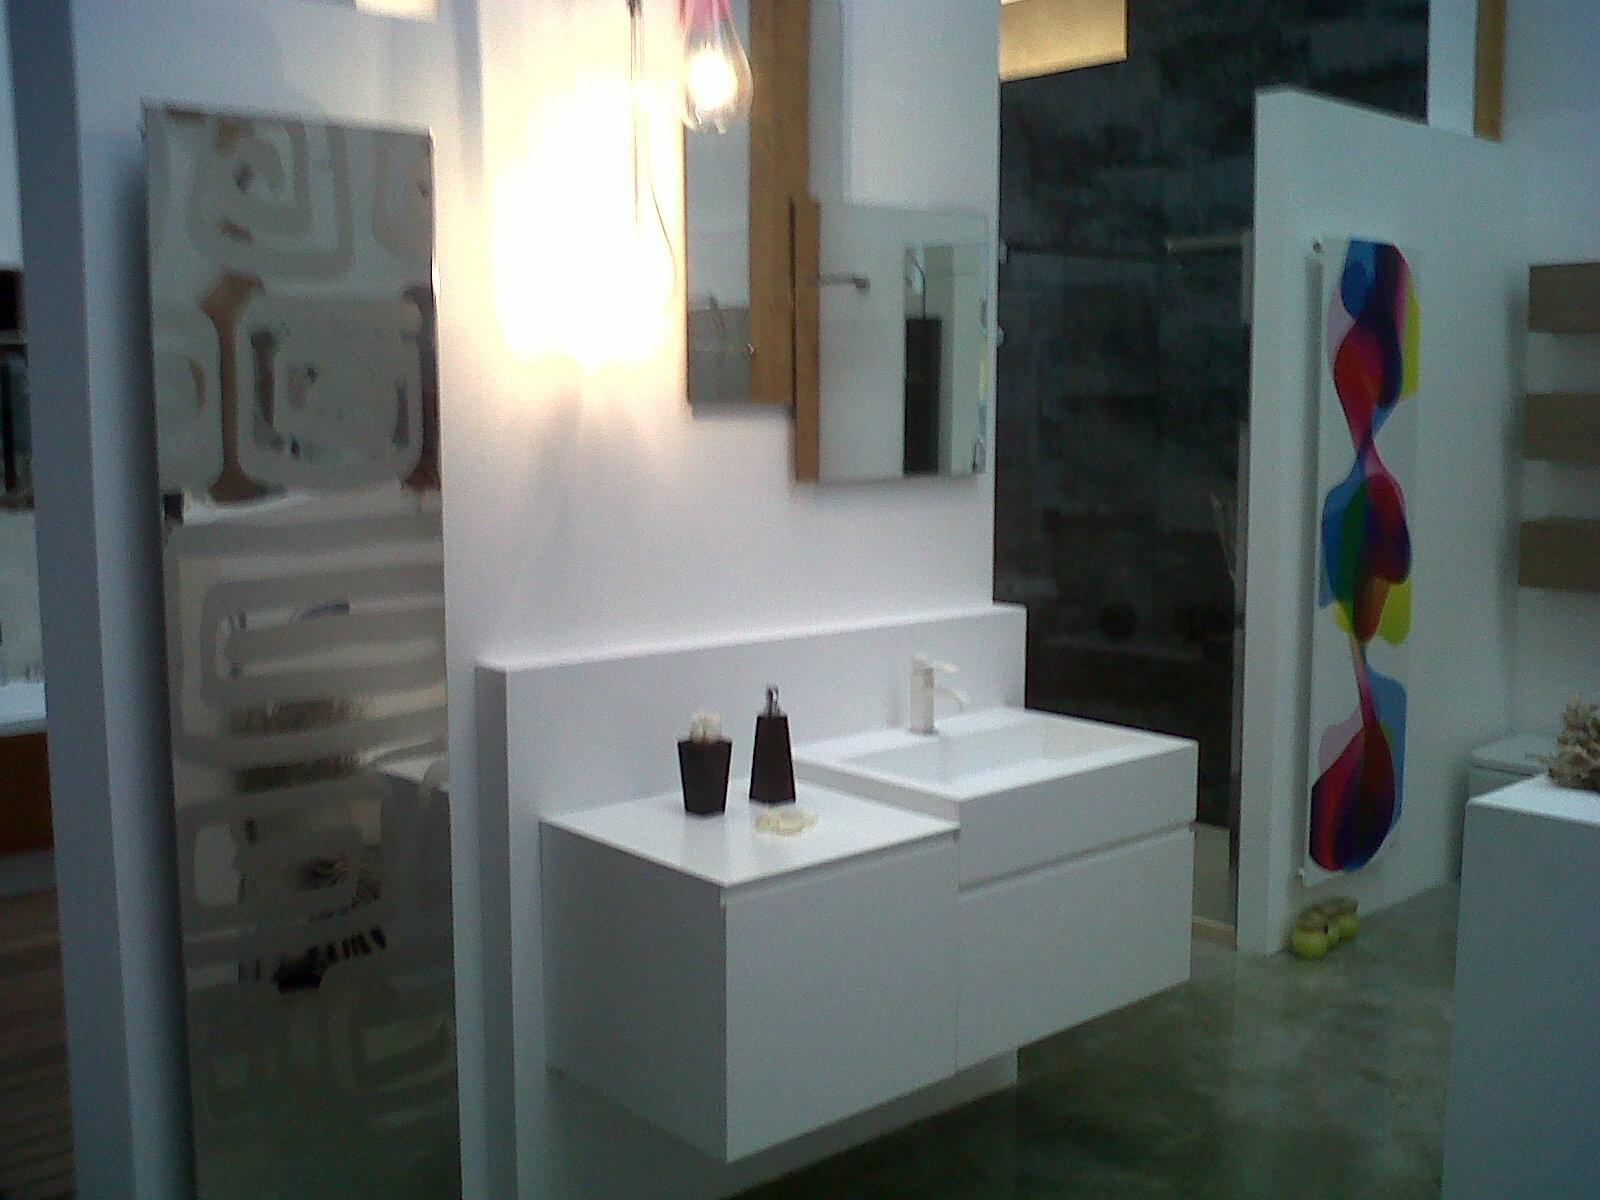 Bagno nuovo prezzi amazing coprivasca prezzi avec copri vasca da bagno trasformare in doccia - Bagni completi in offerta ...